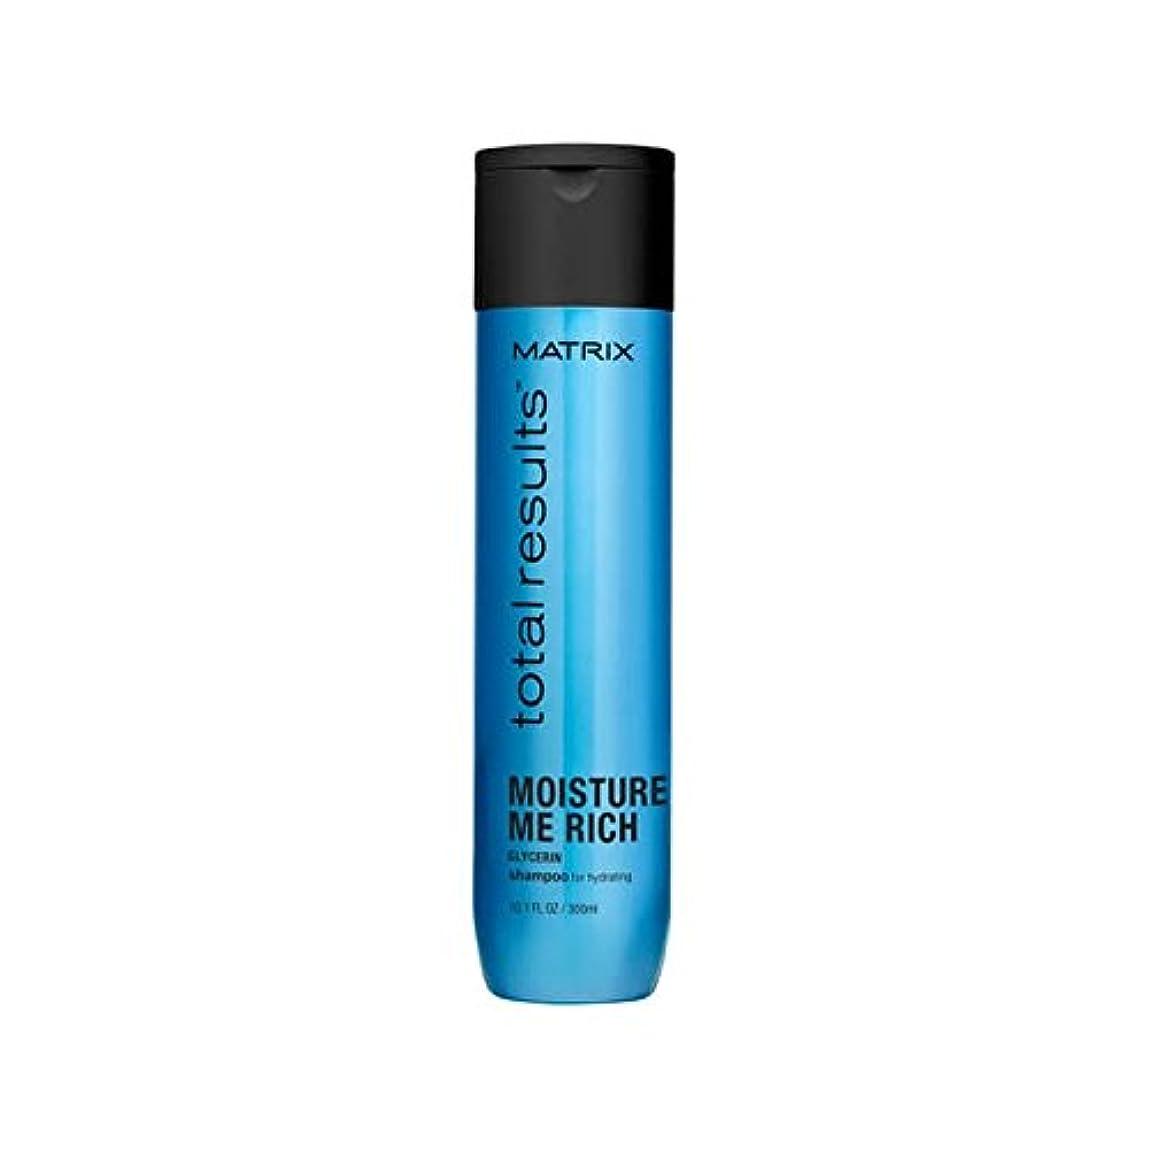 傘ヤギセージMatrix Total Results Moisture Me Rich Shampoo (300ml) - 行列の合計の結果は、豊かなシャンプー(300ミリリットル)私を湿気 [並行輸入品]